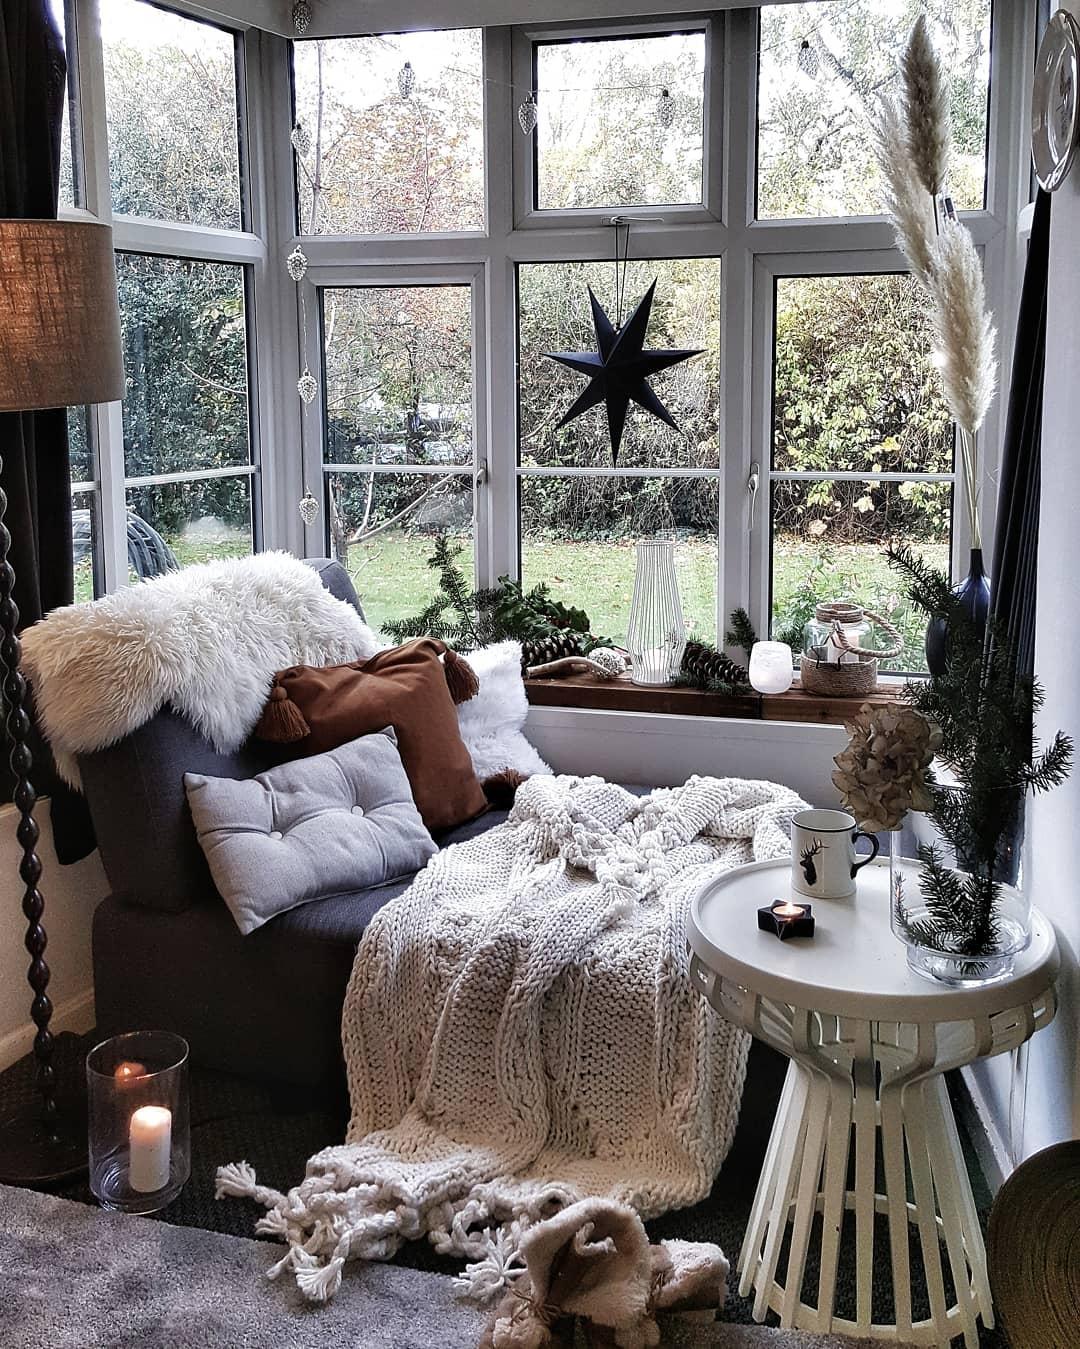 Full Size of Weihnachtsdekoration Deko Wohnzimmer Couchstyle Betten Für übergewichtige Landhausstil Laminat Fürs Bad Gardinen Stehleuchte Sichtschutz Fenster Teppiche Wohnzimmer Deko Für Wohnzimmer